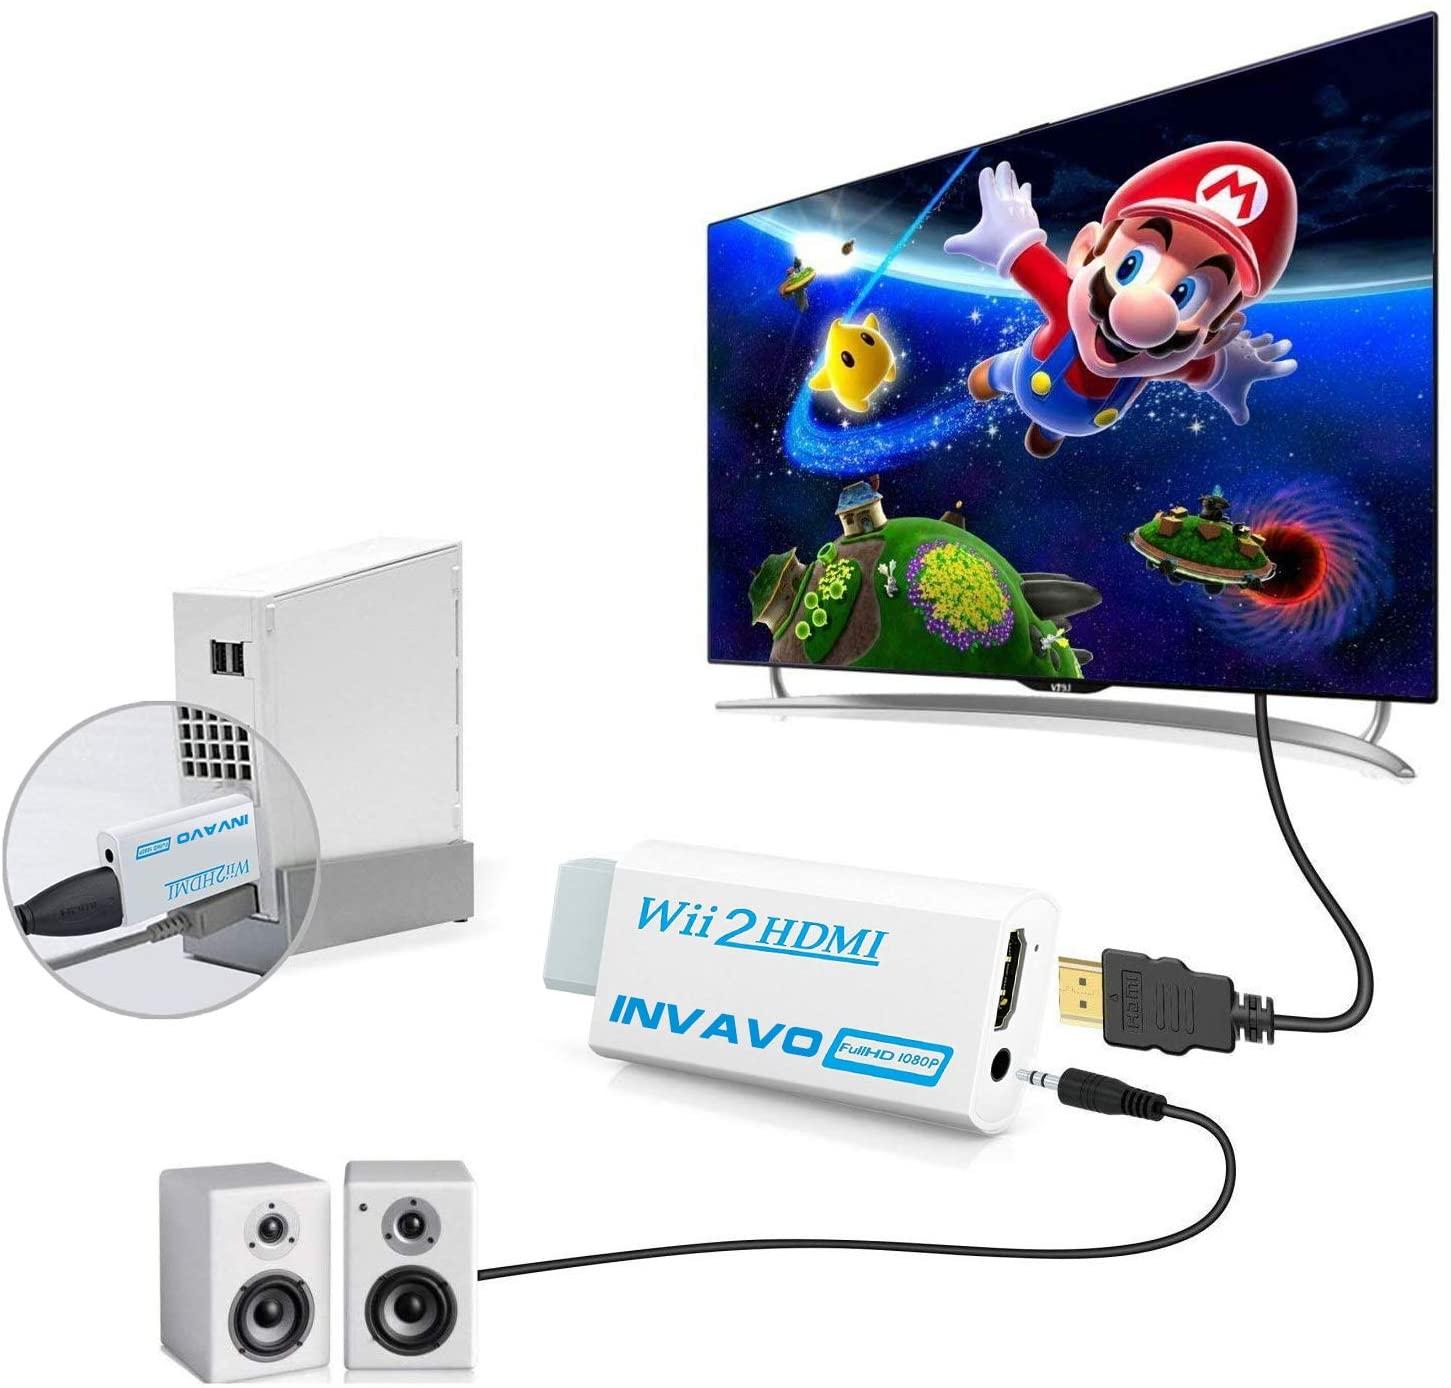 INVAVO Wii to HDMI 変換アダプターHDMI出力 携帯便利 (1.5M ハイスピードHDMIケーブル付属)